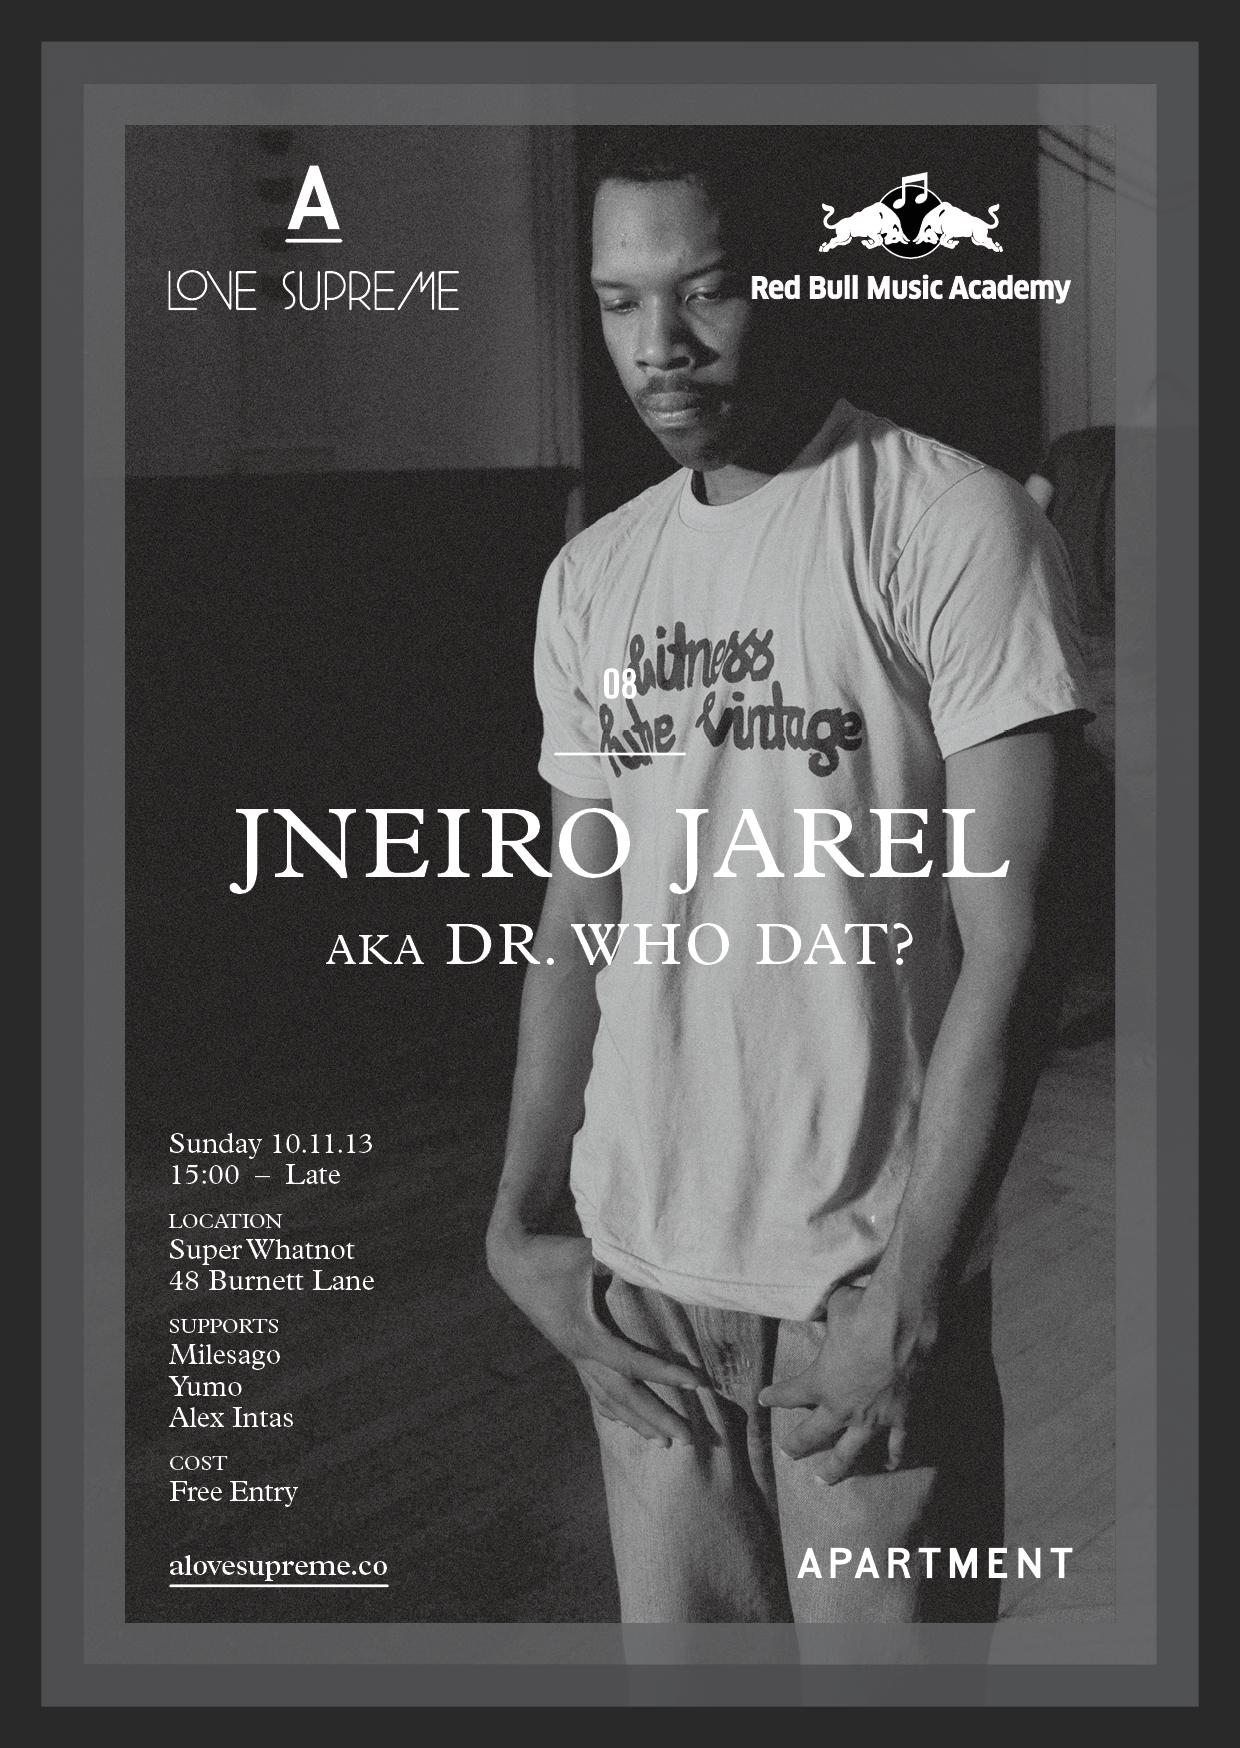 ALS-alovesupreme-08-jneiro-jarel-postcard-press-.png